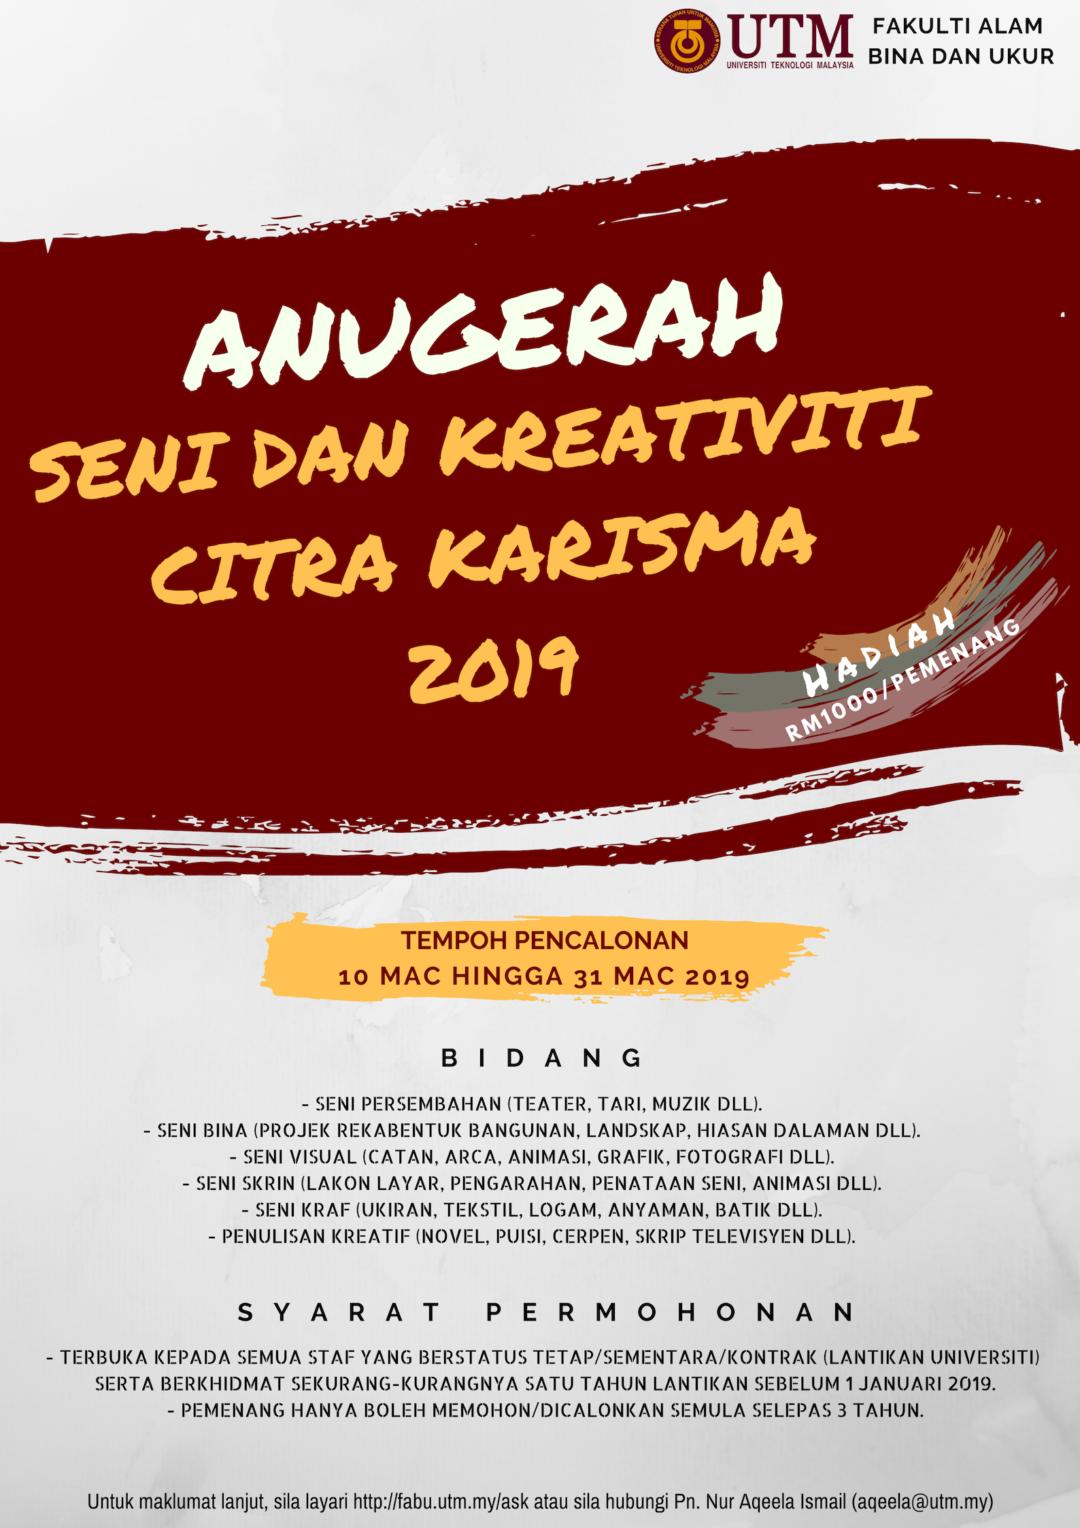 ANUGERAH SENI DAN KREATIVITI CITRA KARISMA 2019